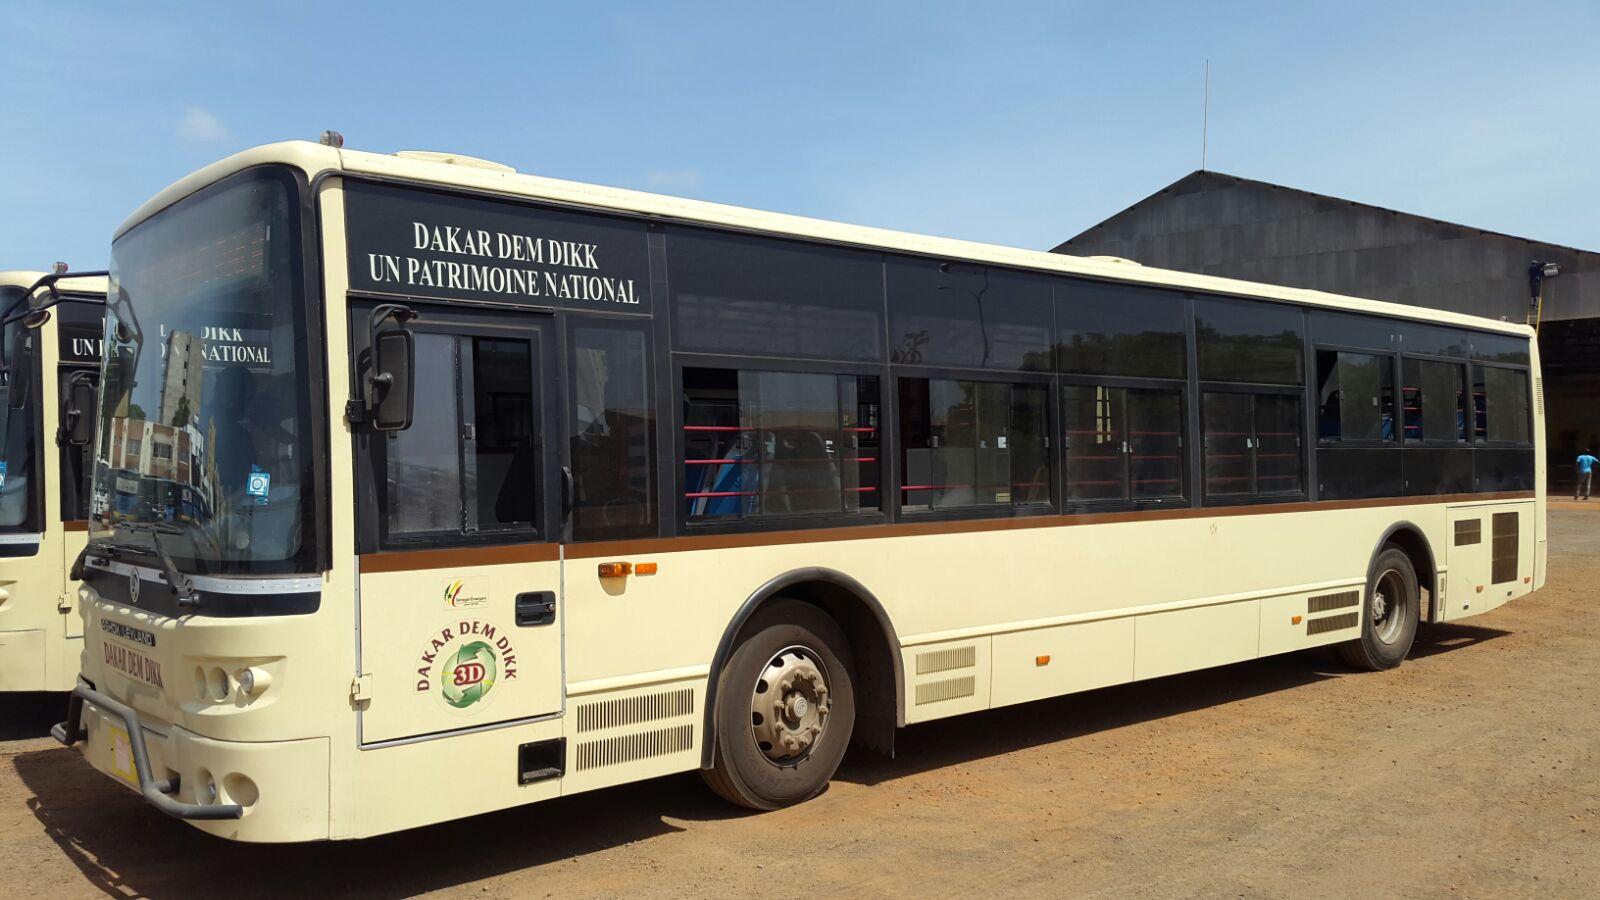 Dakar dem dik annonce Sénégal dém dik avec des bus climatisés